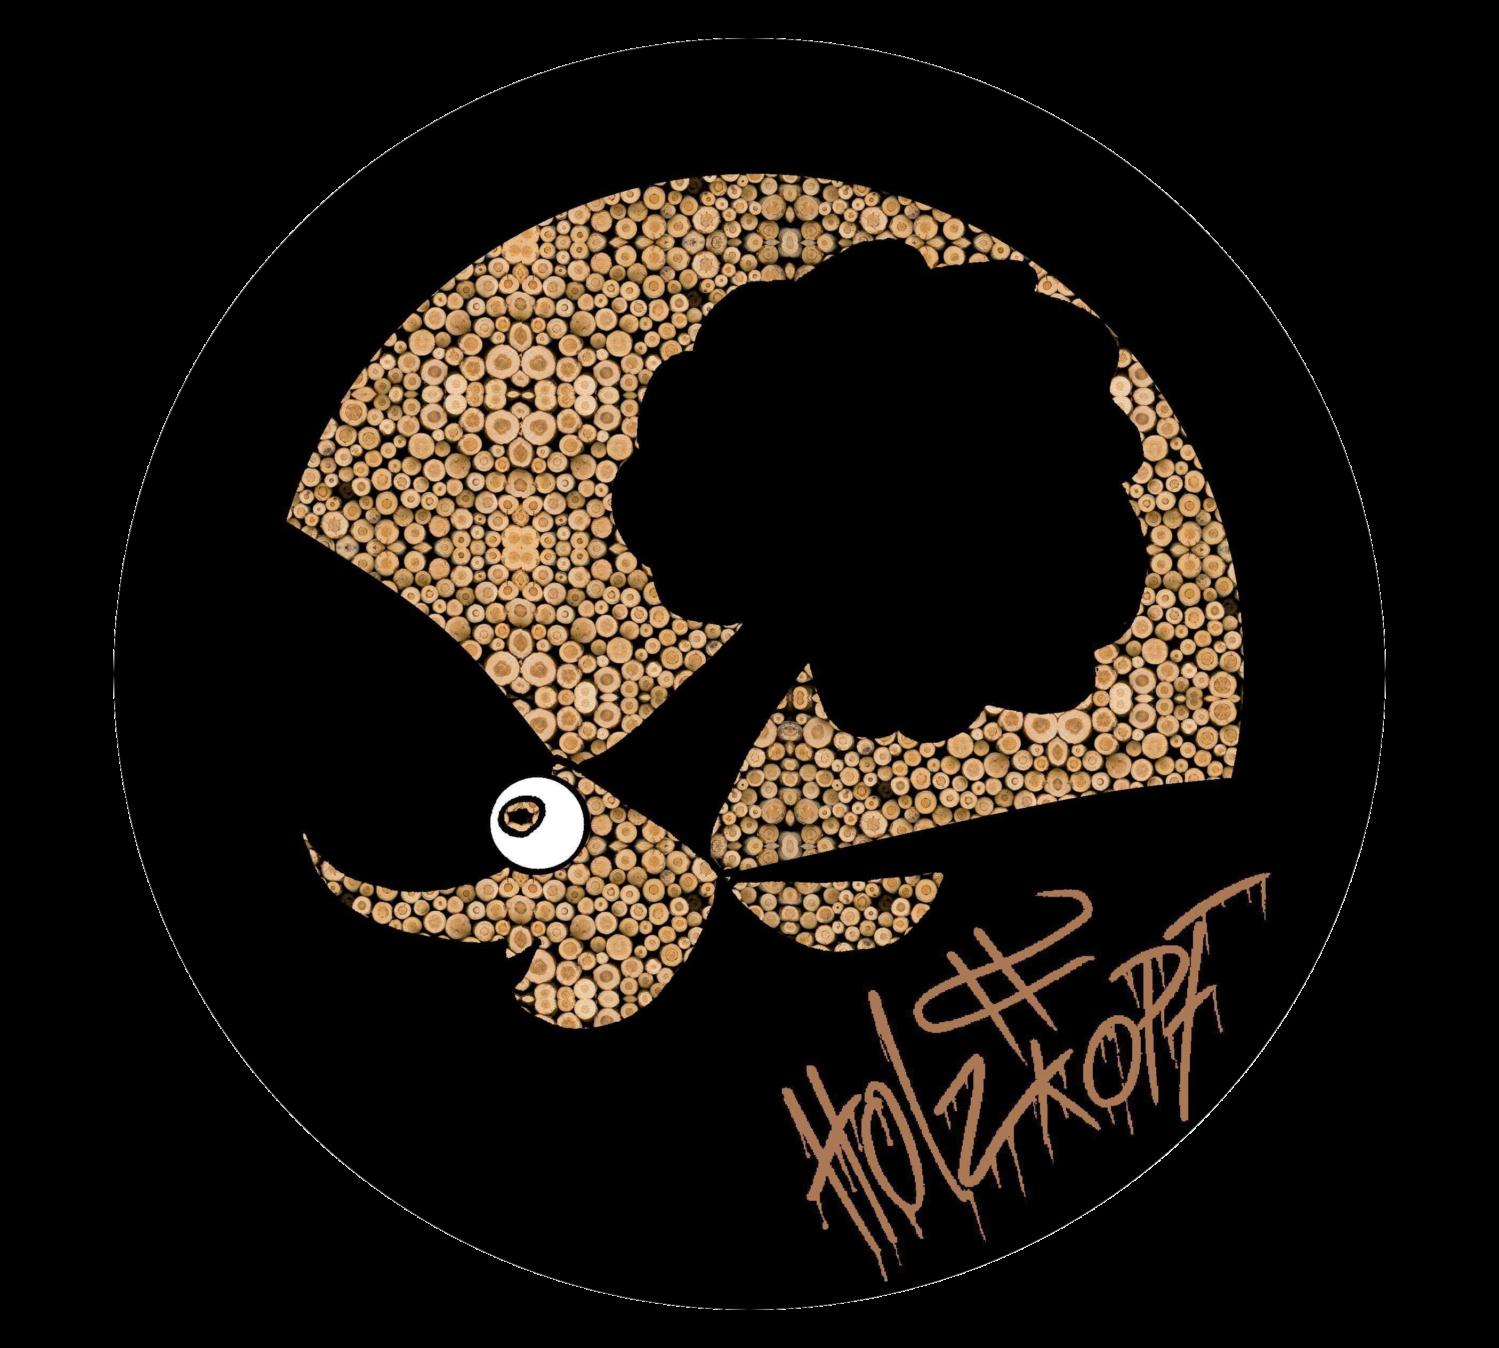 www.Holzkopfshop.de